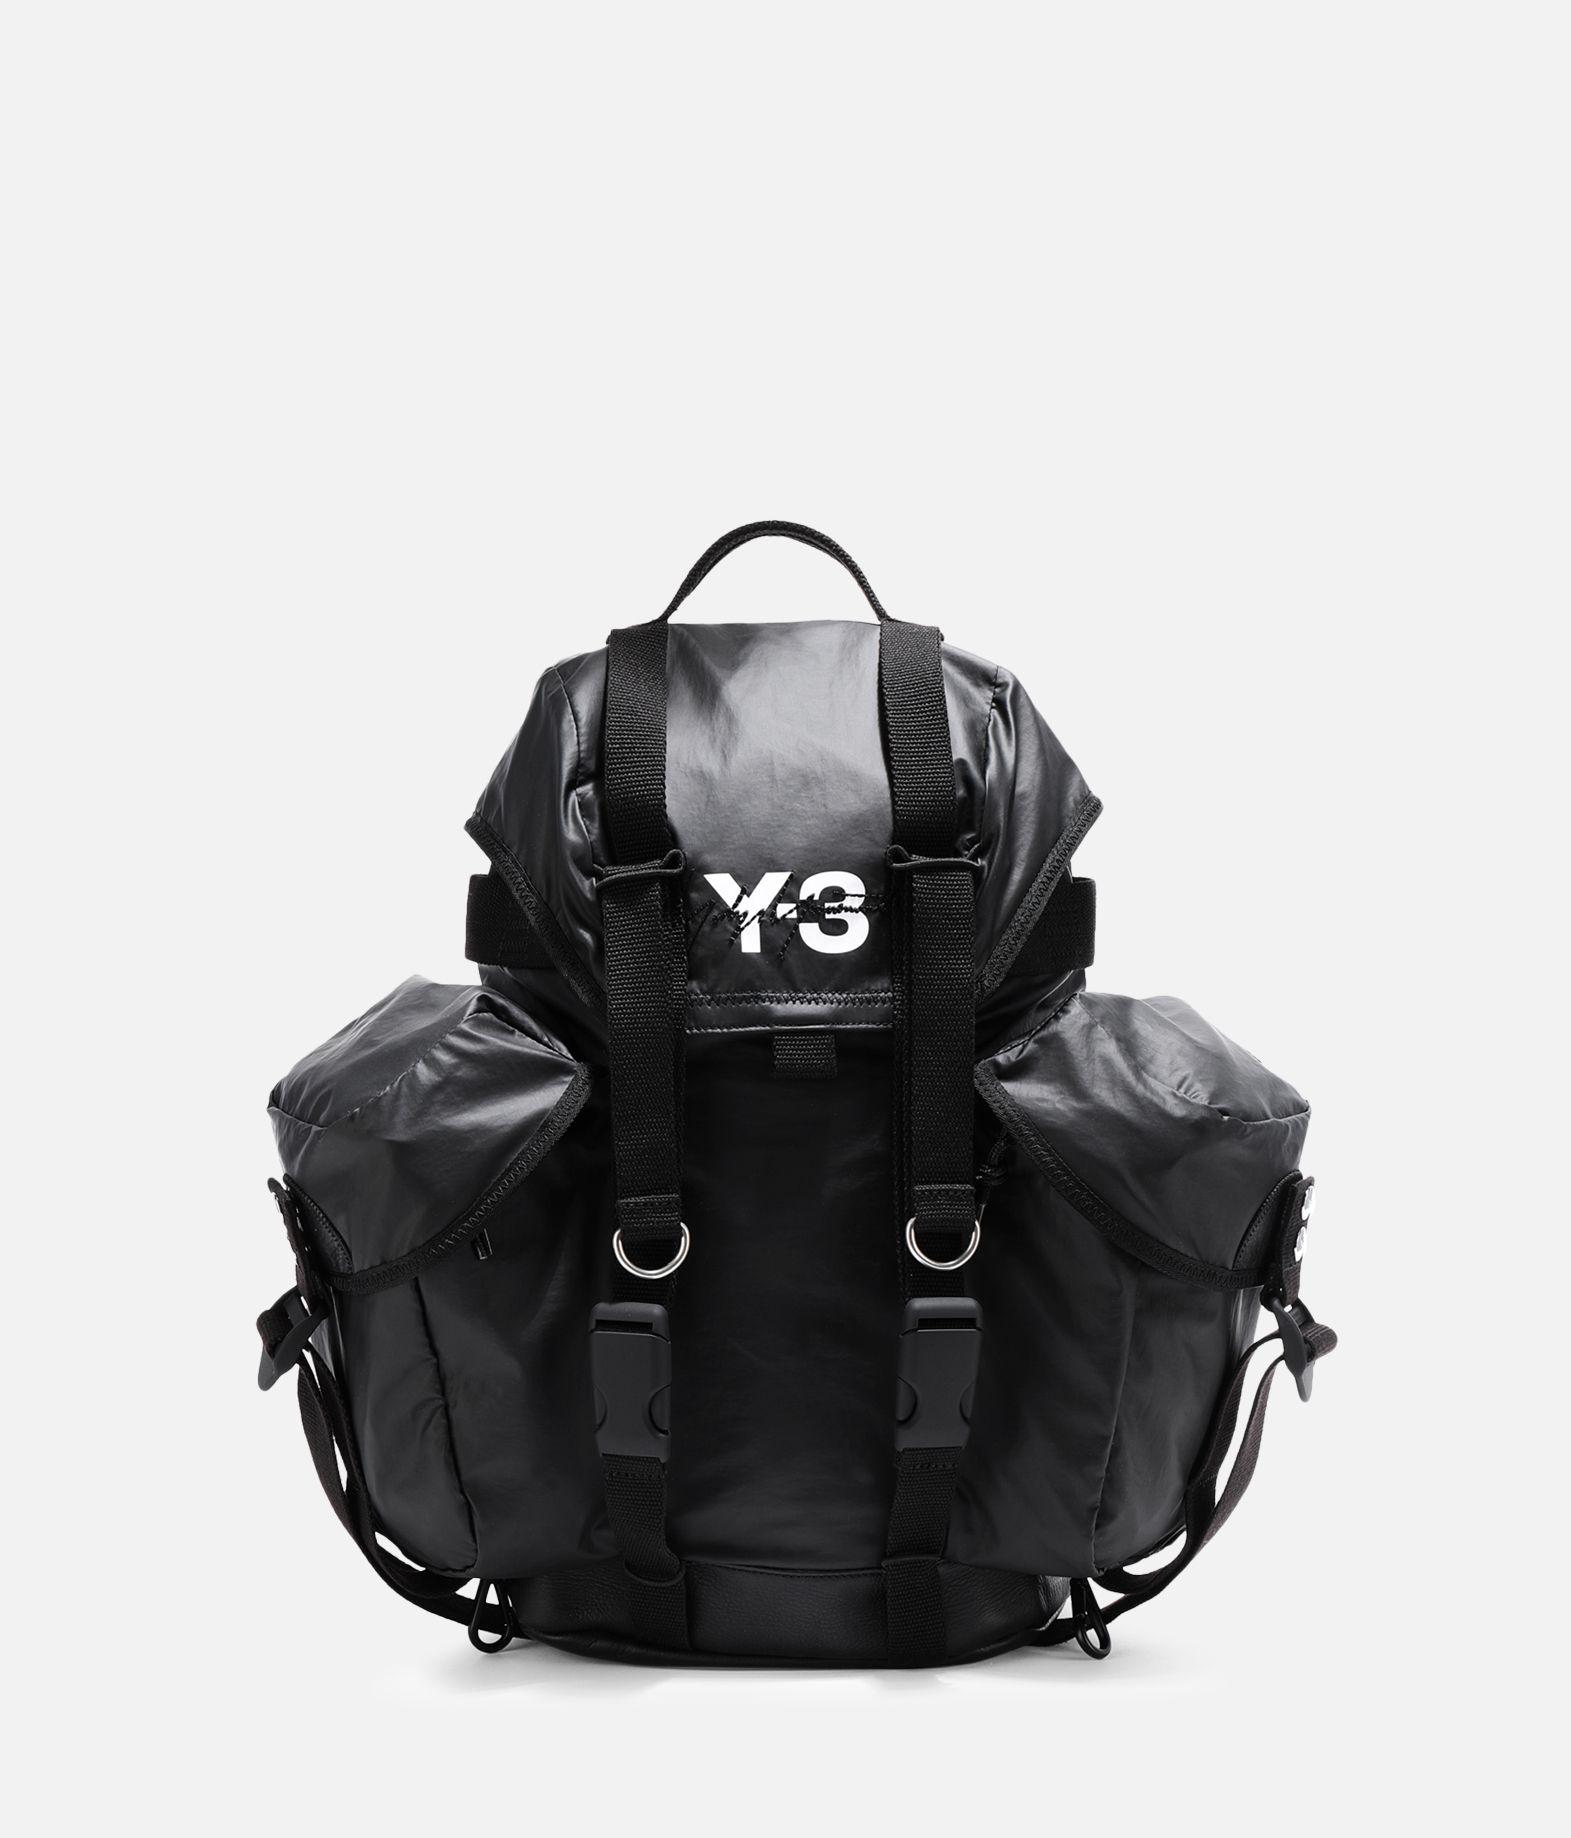 ce47f65239b9 ... Y-3 Y-3 XS Utility Bag Backpack E f ...